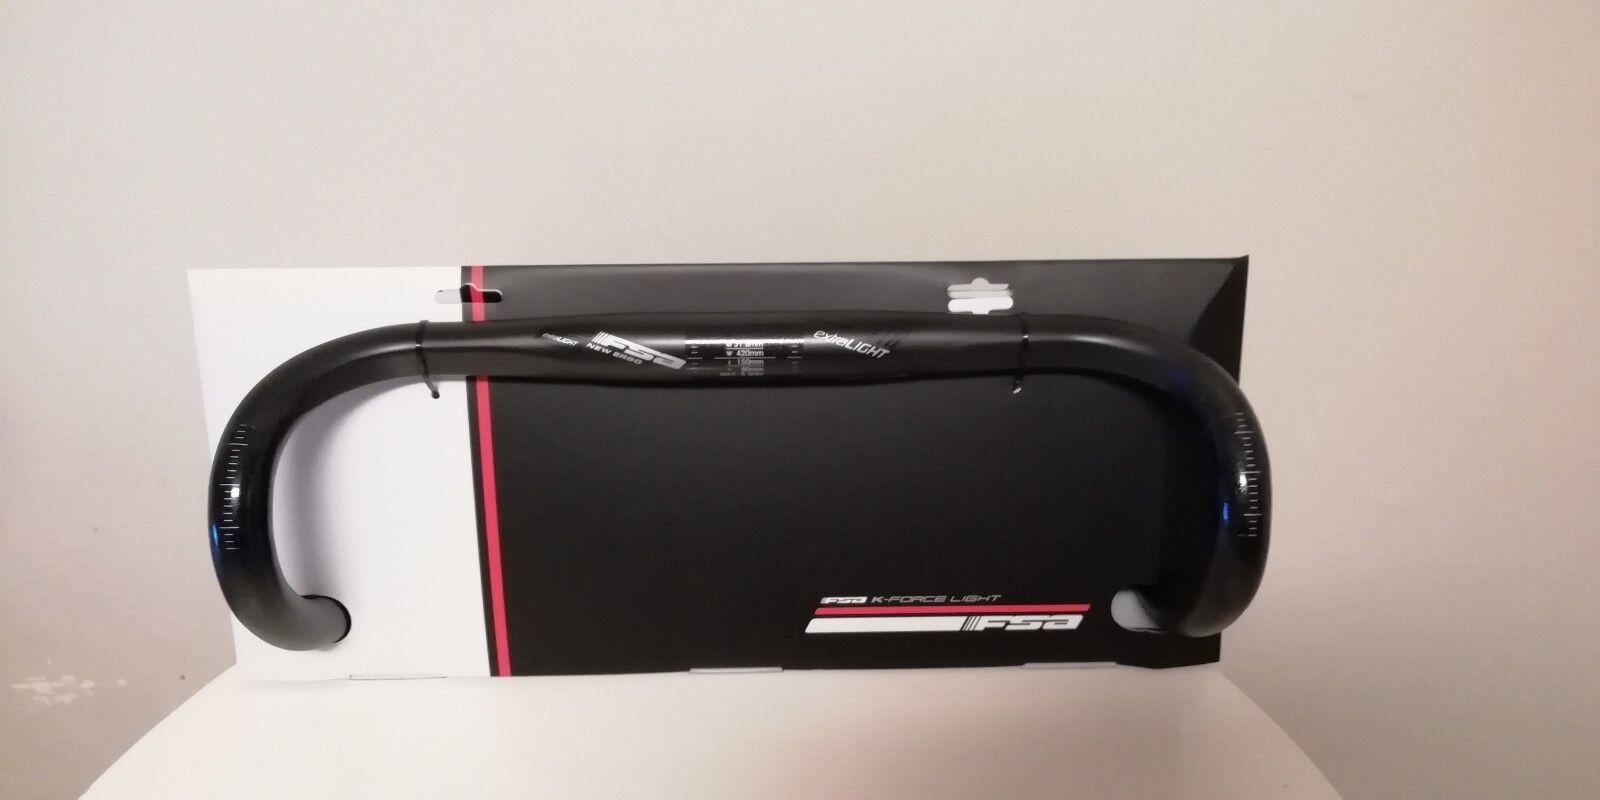 FSA K FORCE Extra leichter Carbon Lenker NEU 42cm RRP